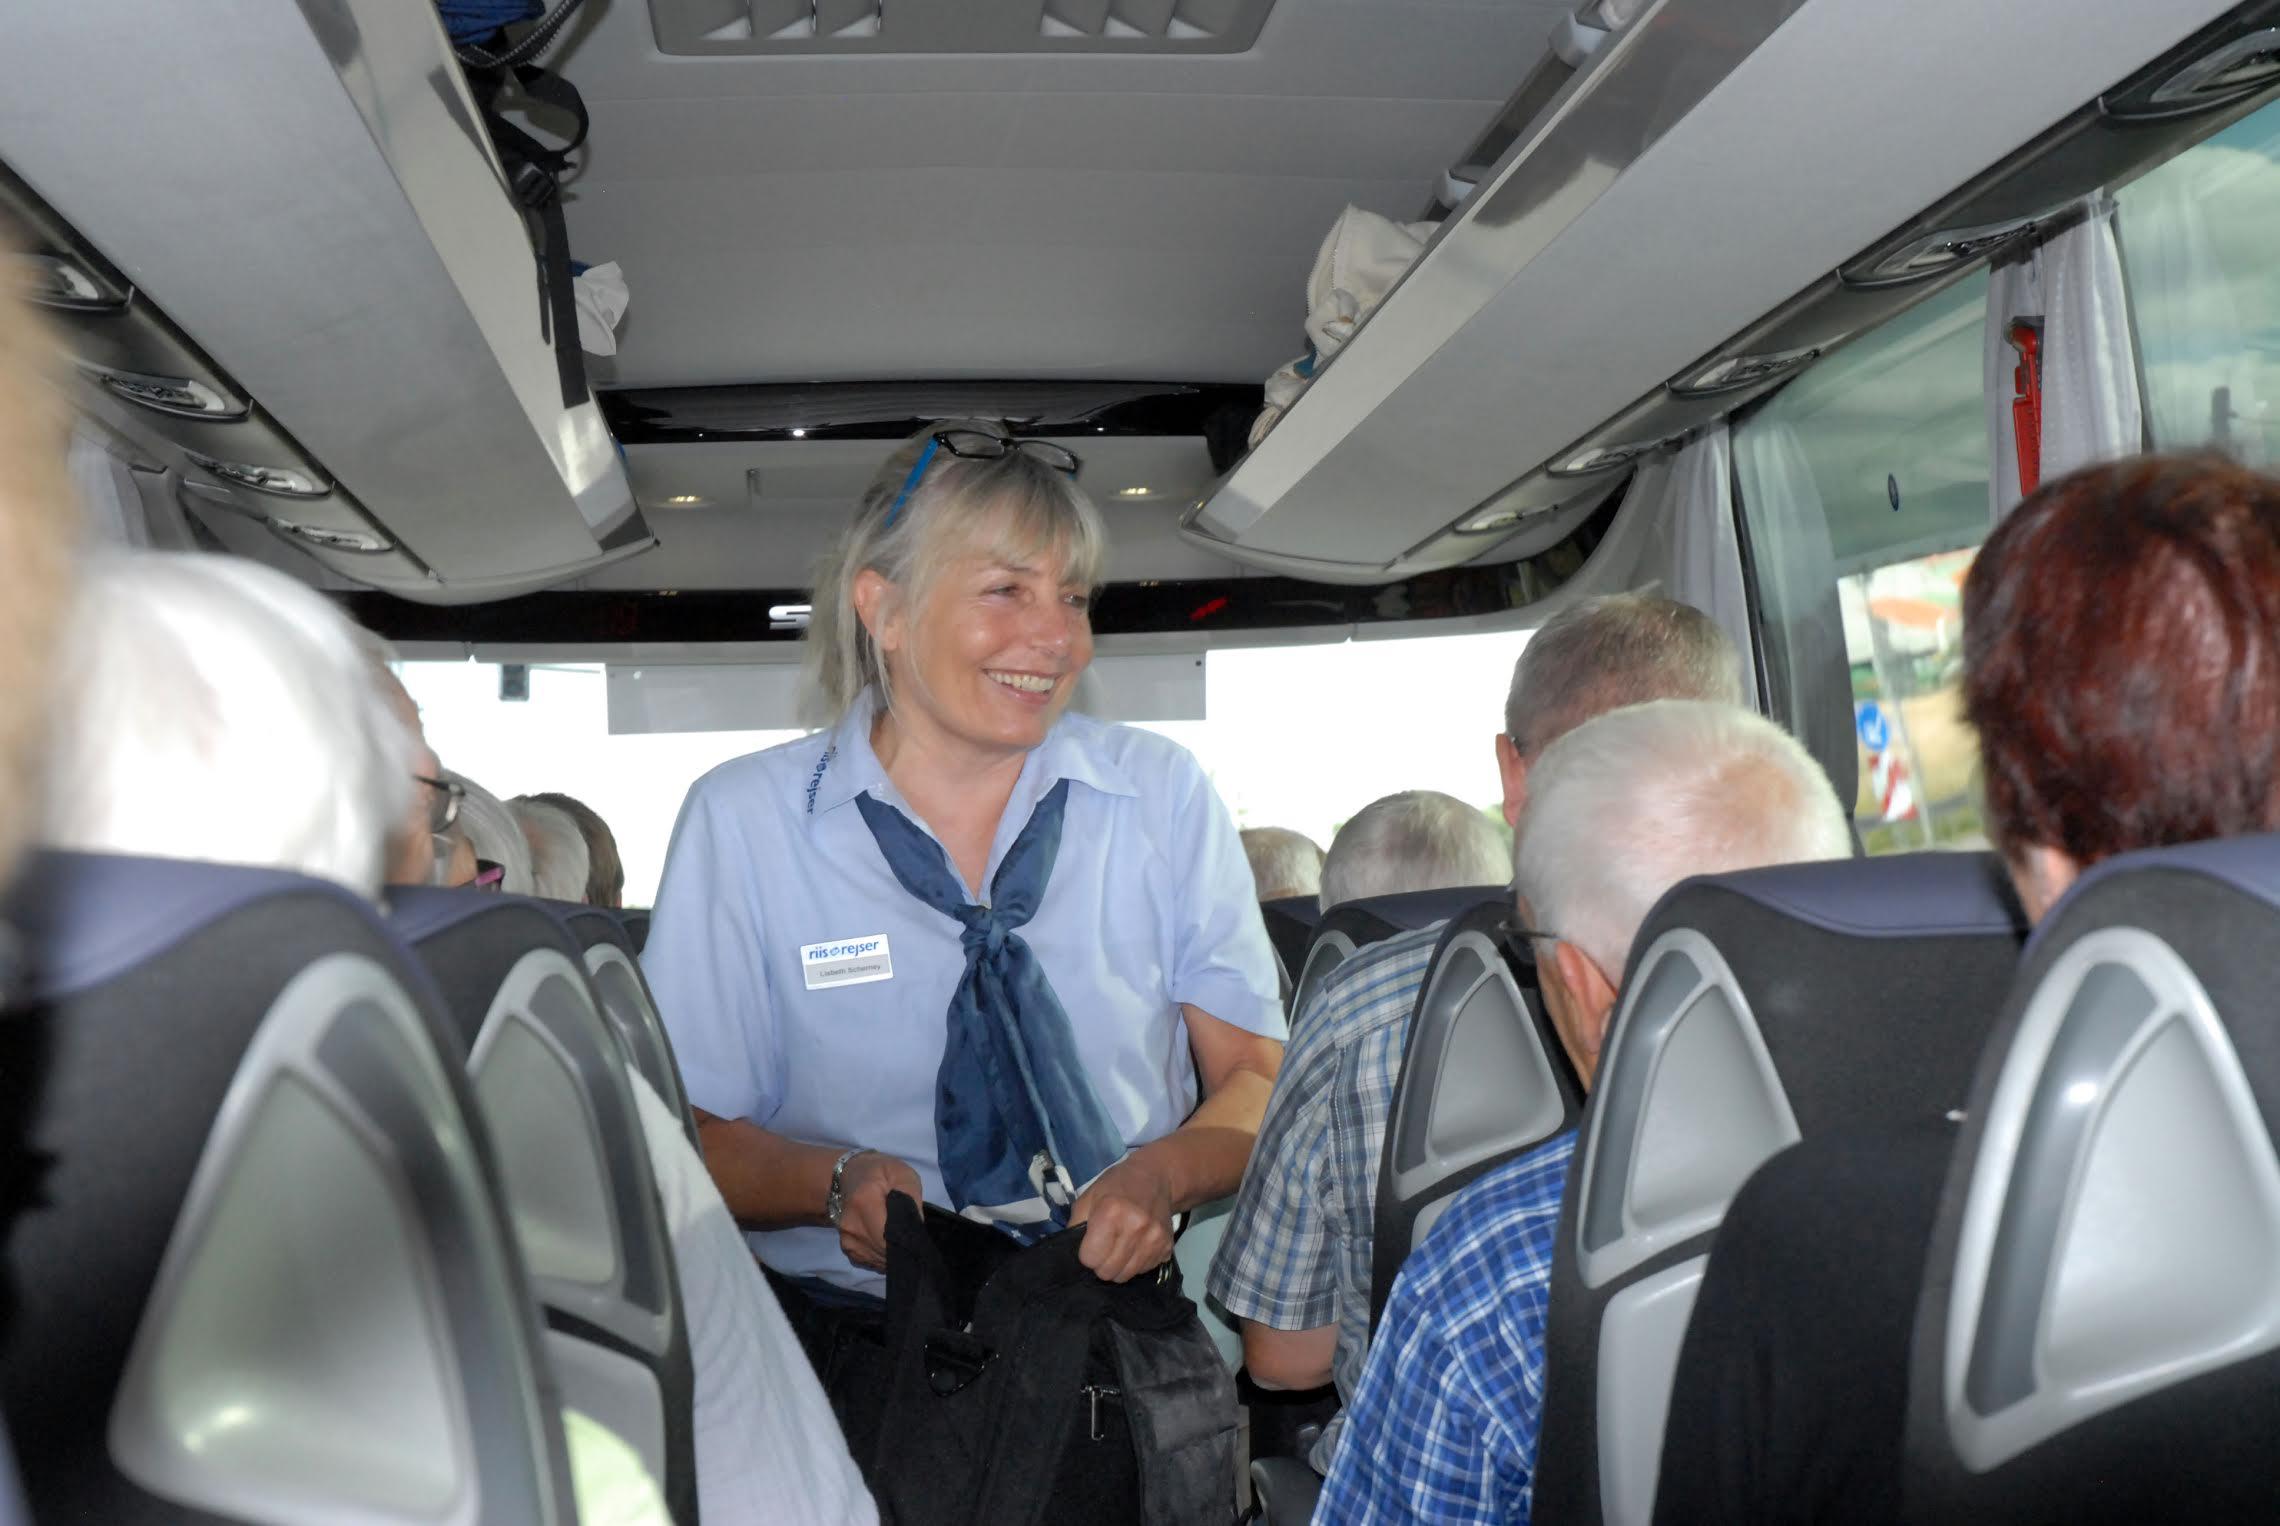 Danske Riis Rejser er blandt de rejsebureauer, der har rejseledere på sine ture. Foto: Riis Rejser.